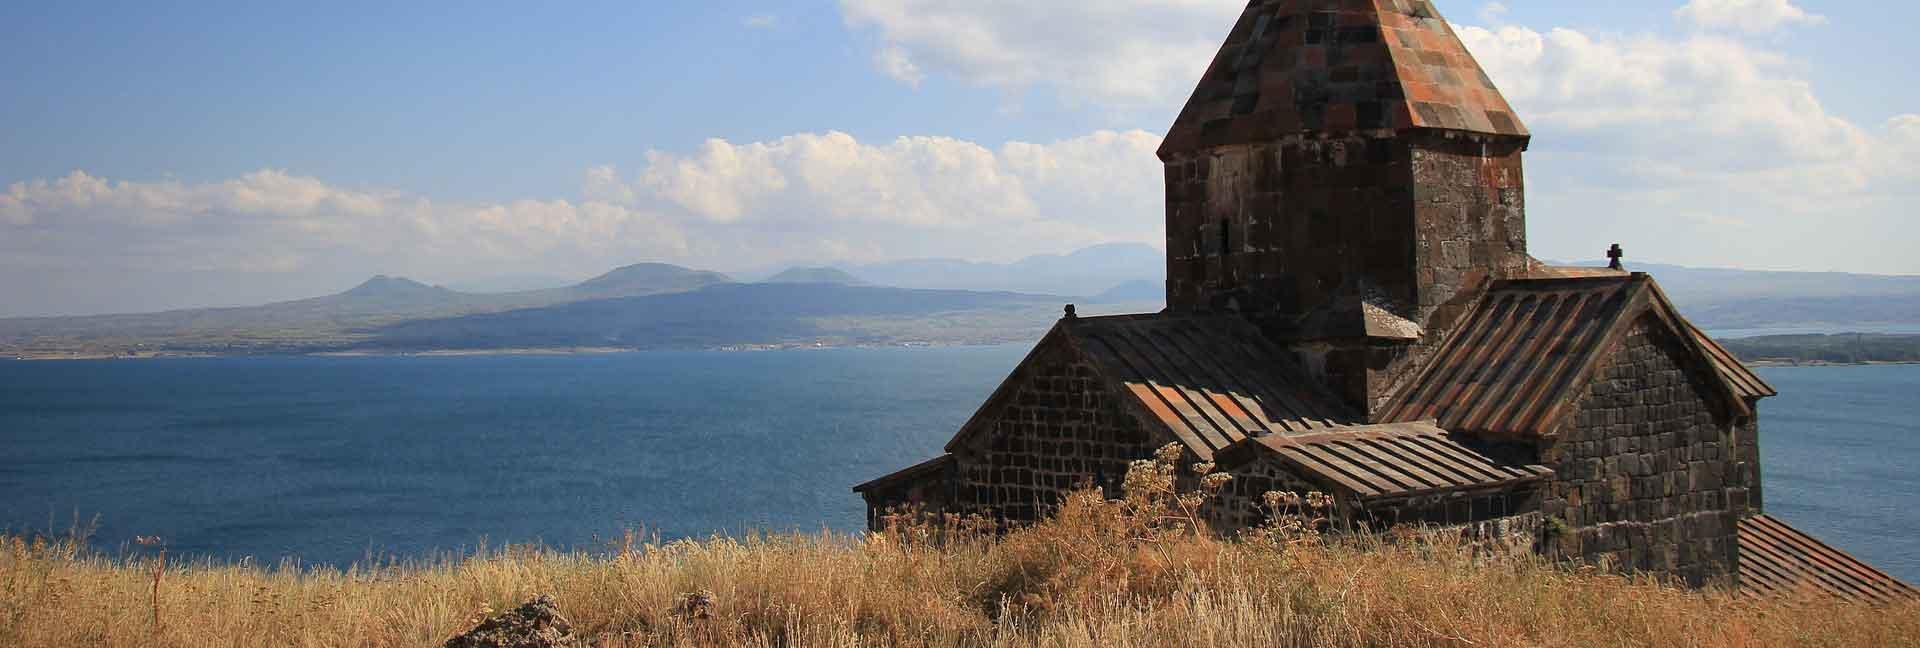 Colores de Armenia